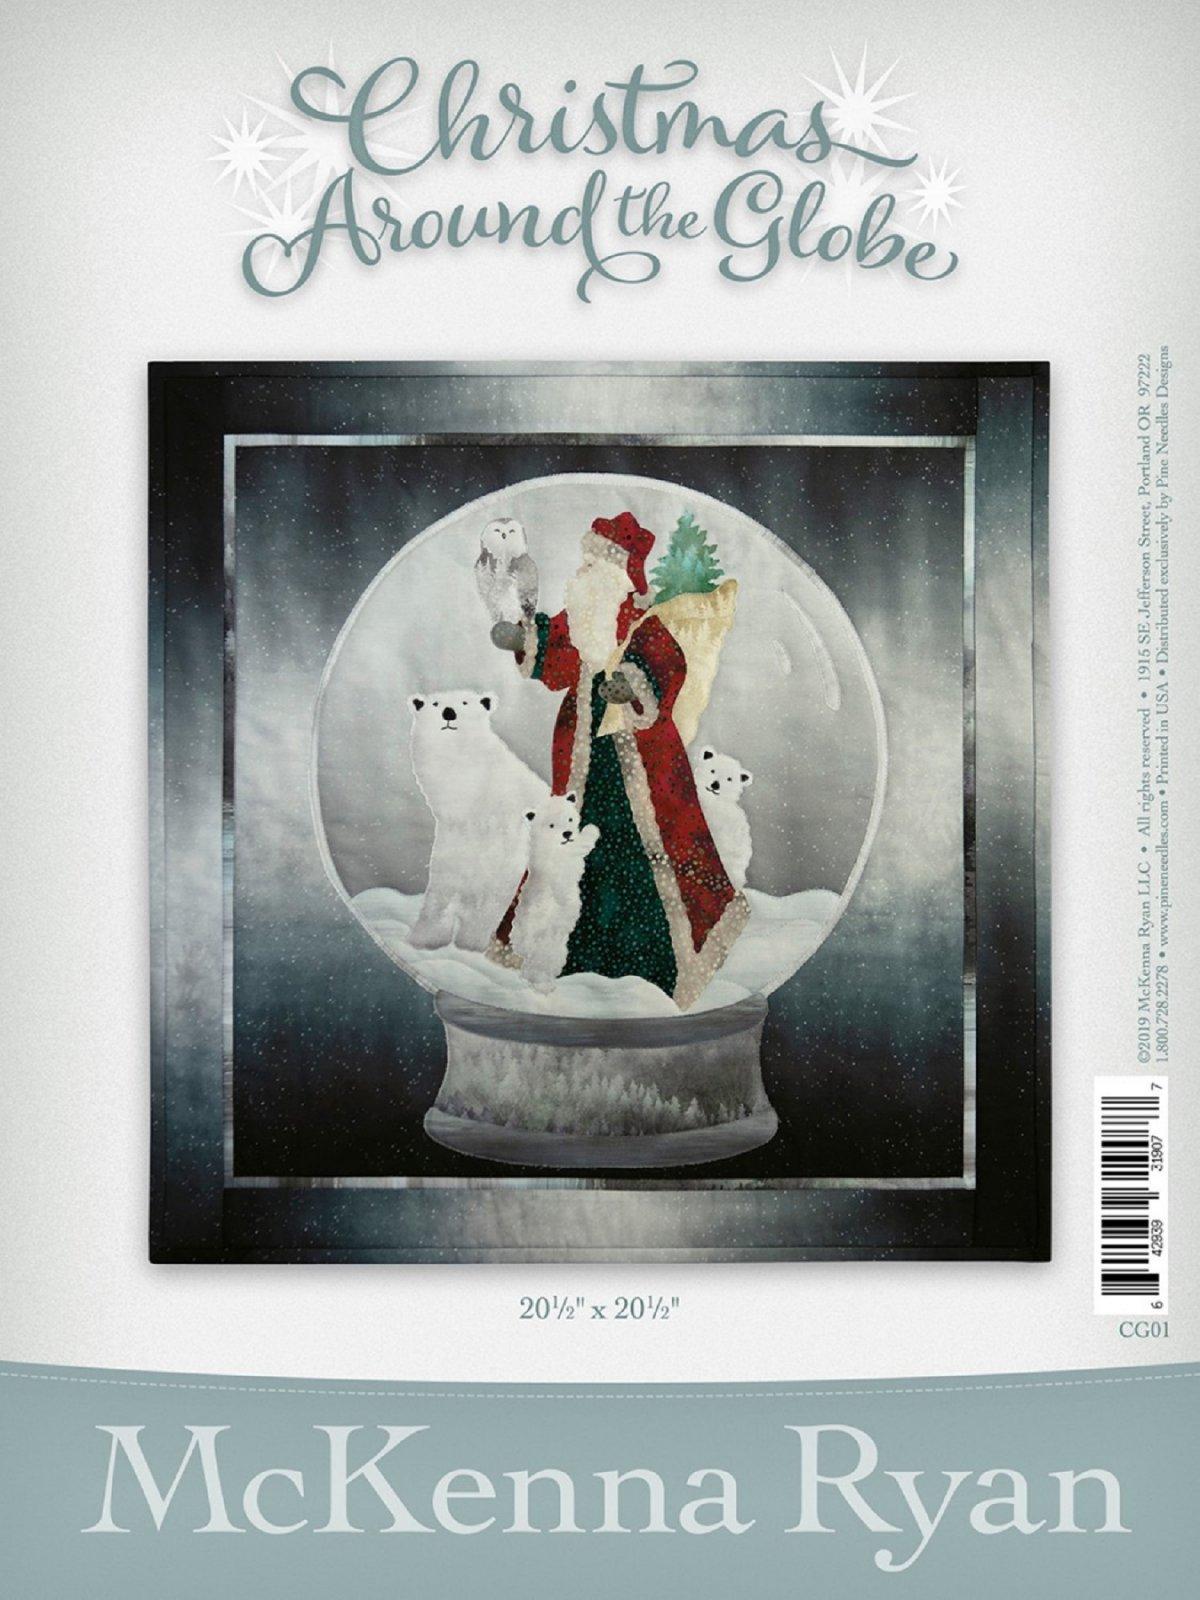 Christmas Around The Globe Quilt & Laser Cut Kit by Mckenna Ryan